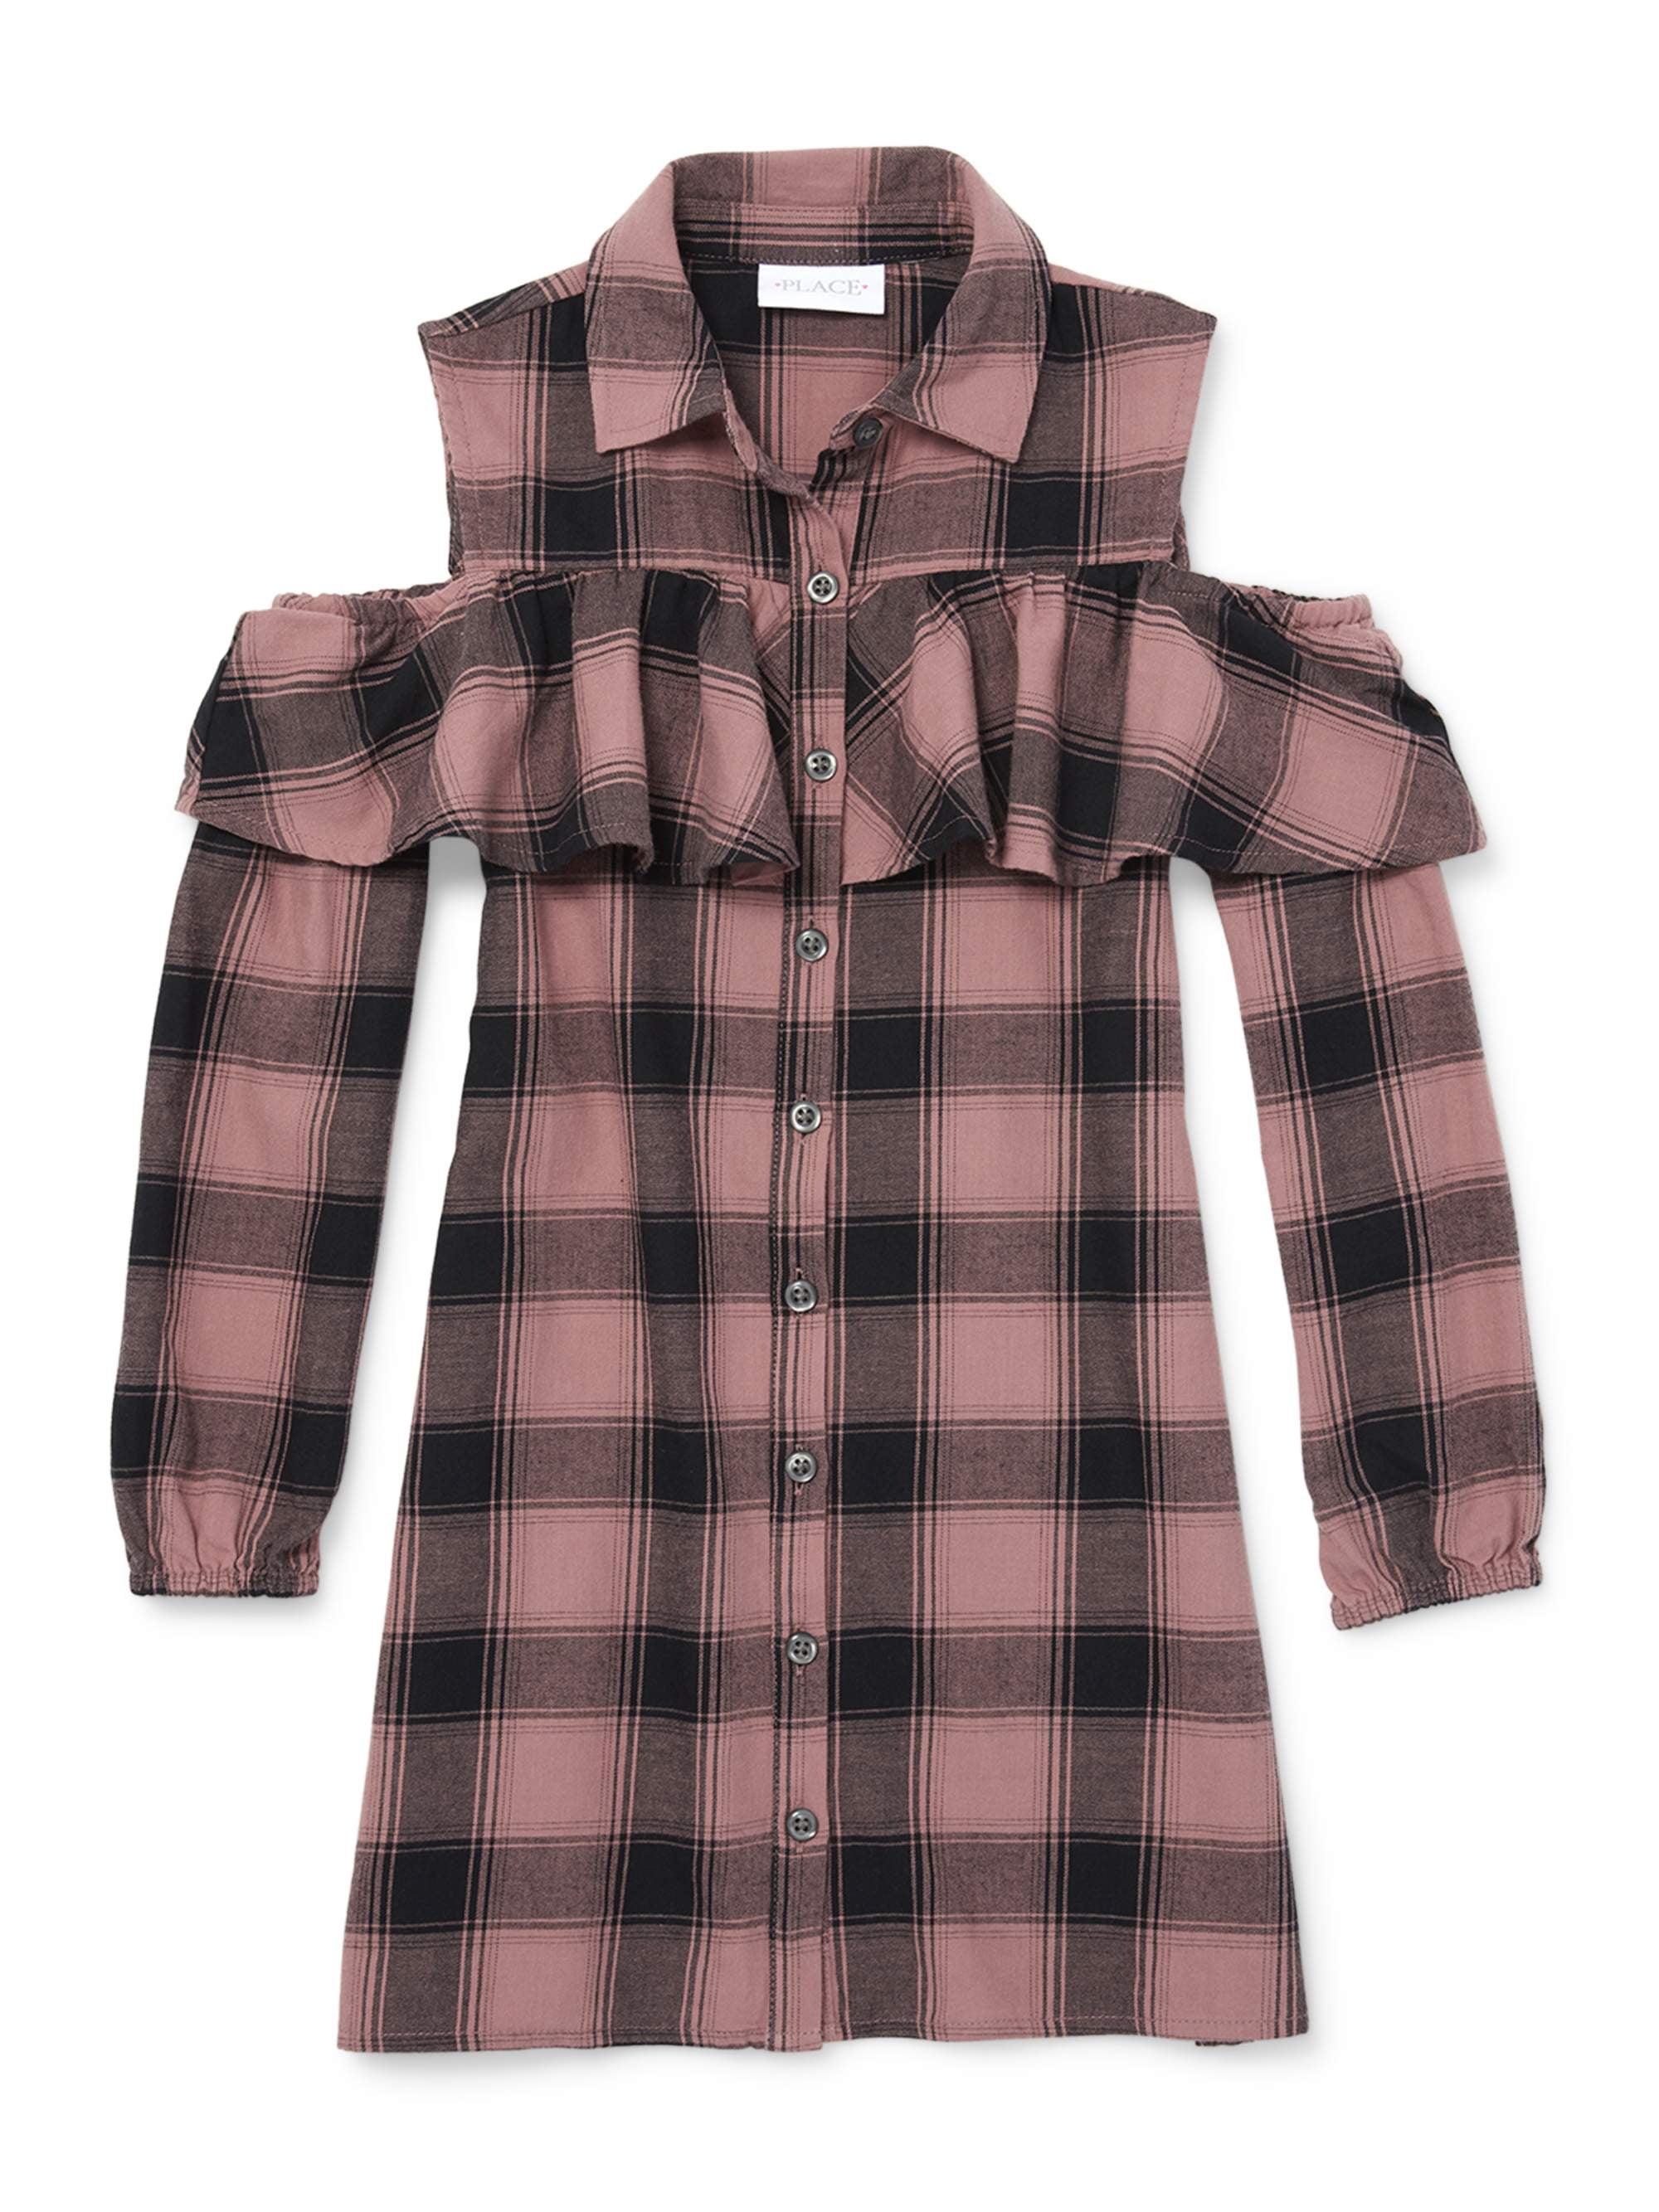 The Children's Place Cold Shoulder Plaid Button Shirt Dress